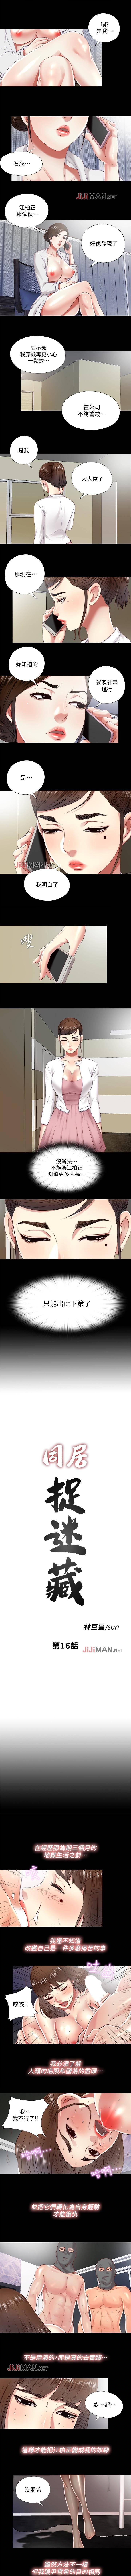 【已完结】同居捉迷藏(作者:林巨星) 第1~30话 63